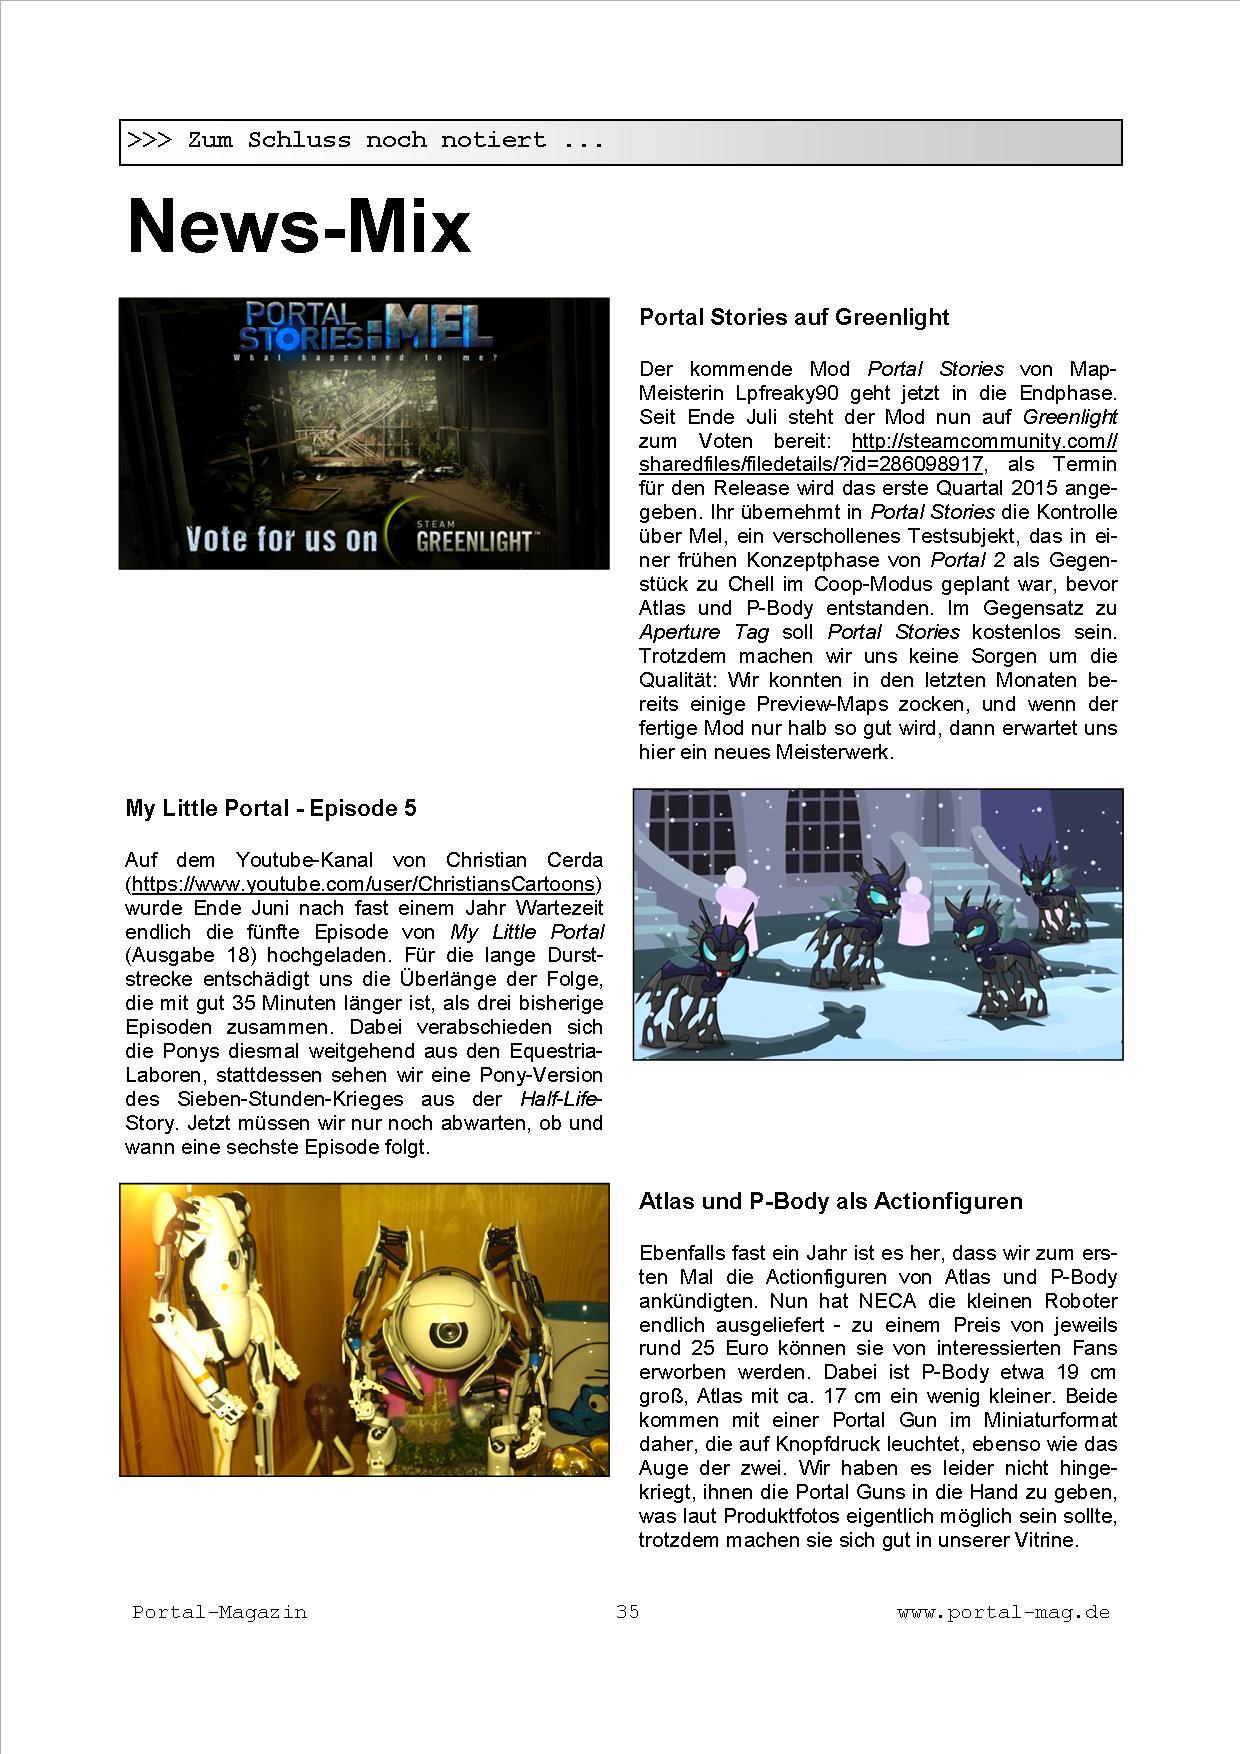 Ausgabe 26, Seite 35